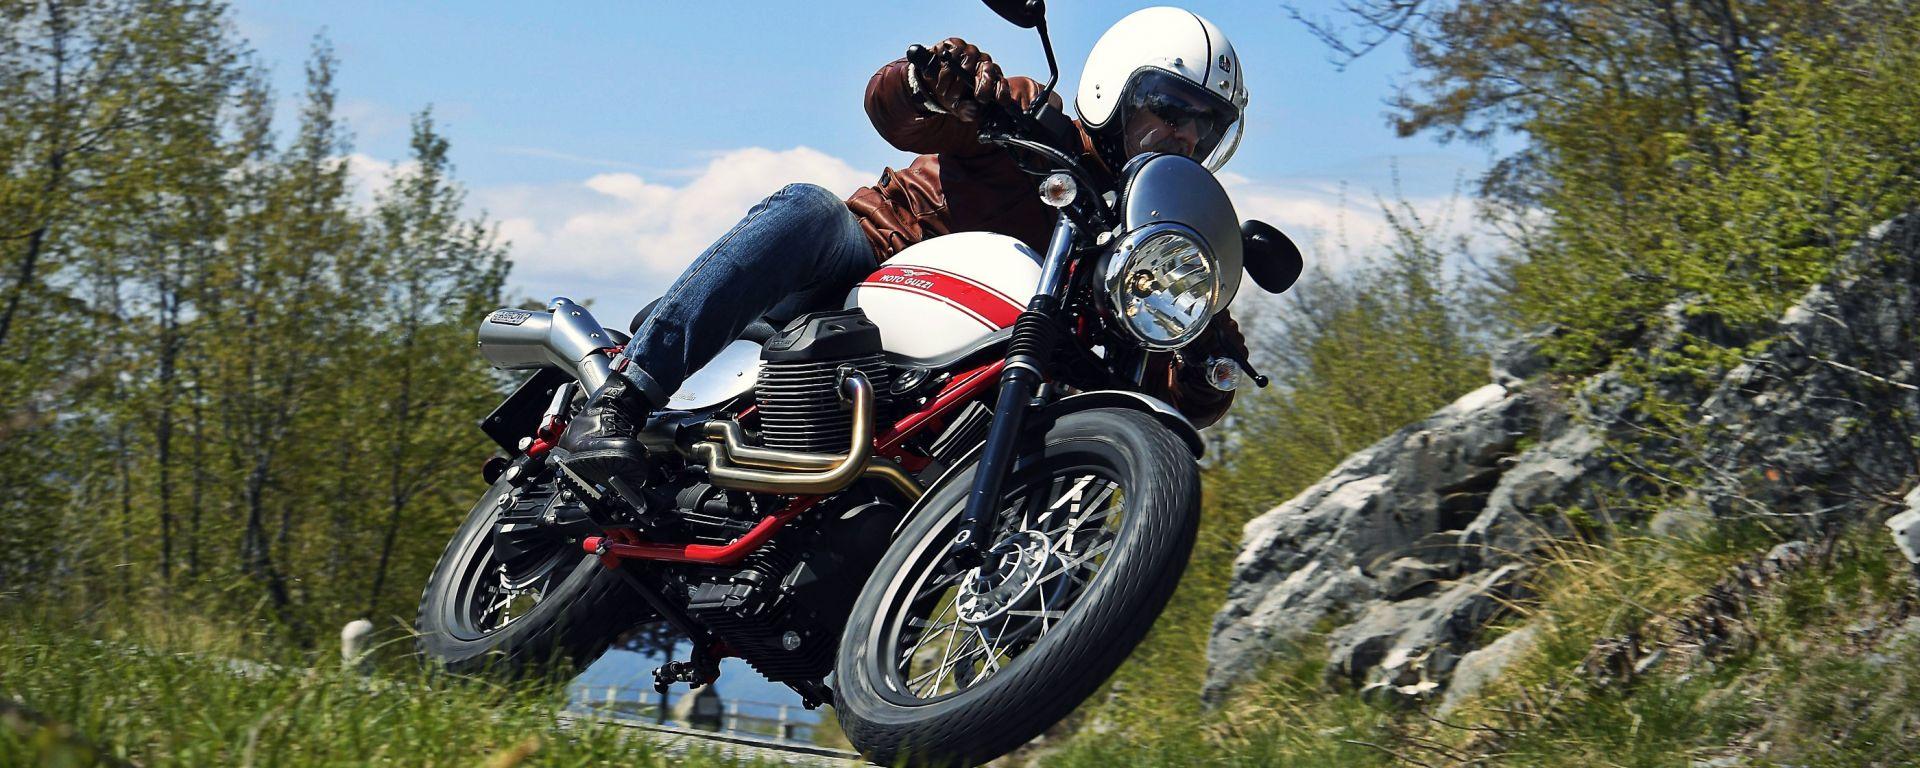 Moto Guzzi V7 II Stornello: la prova della serie speciale